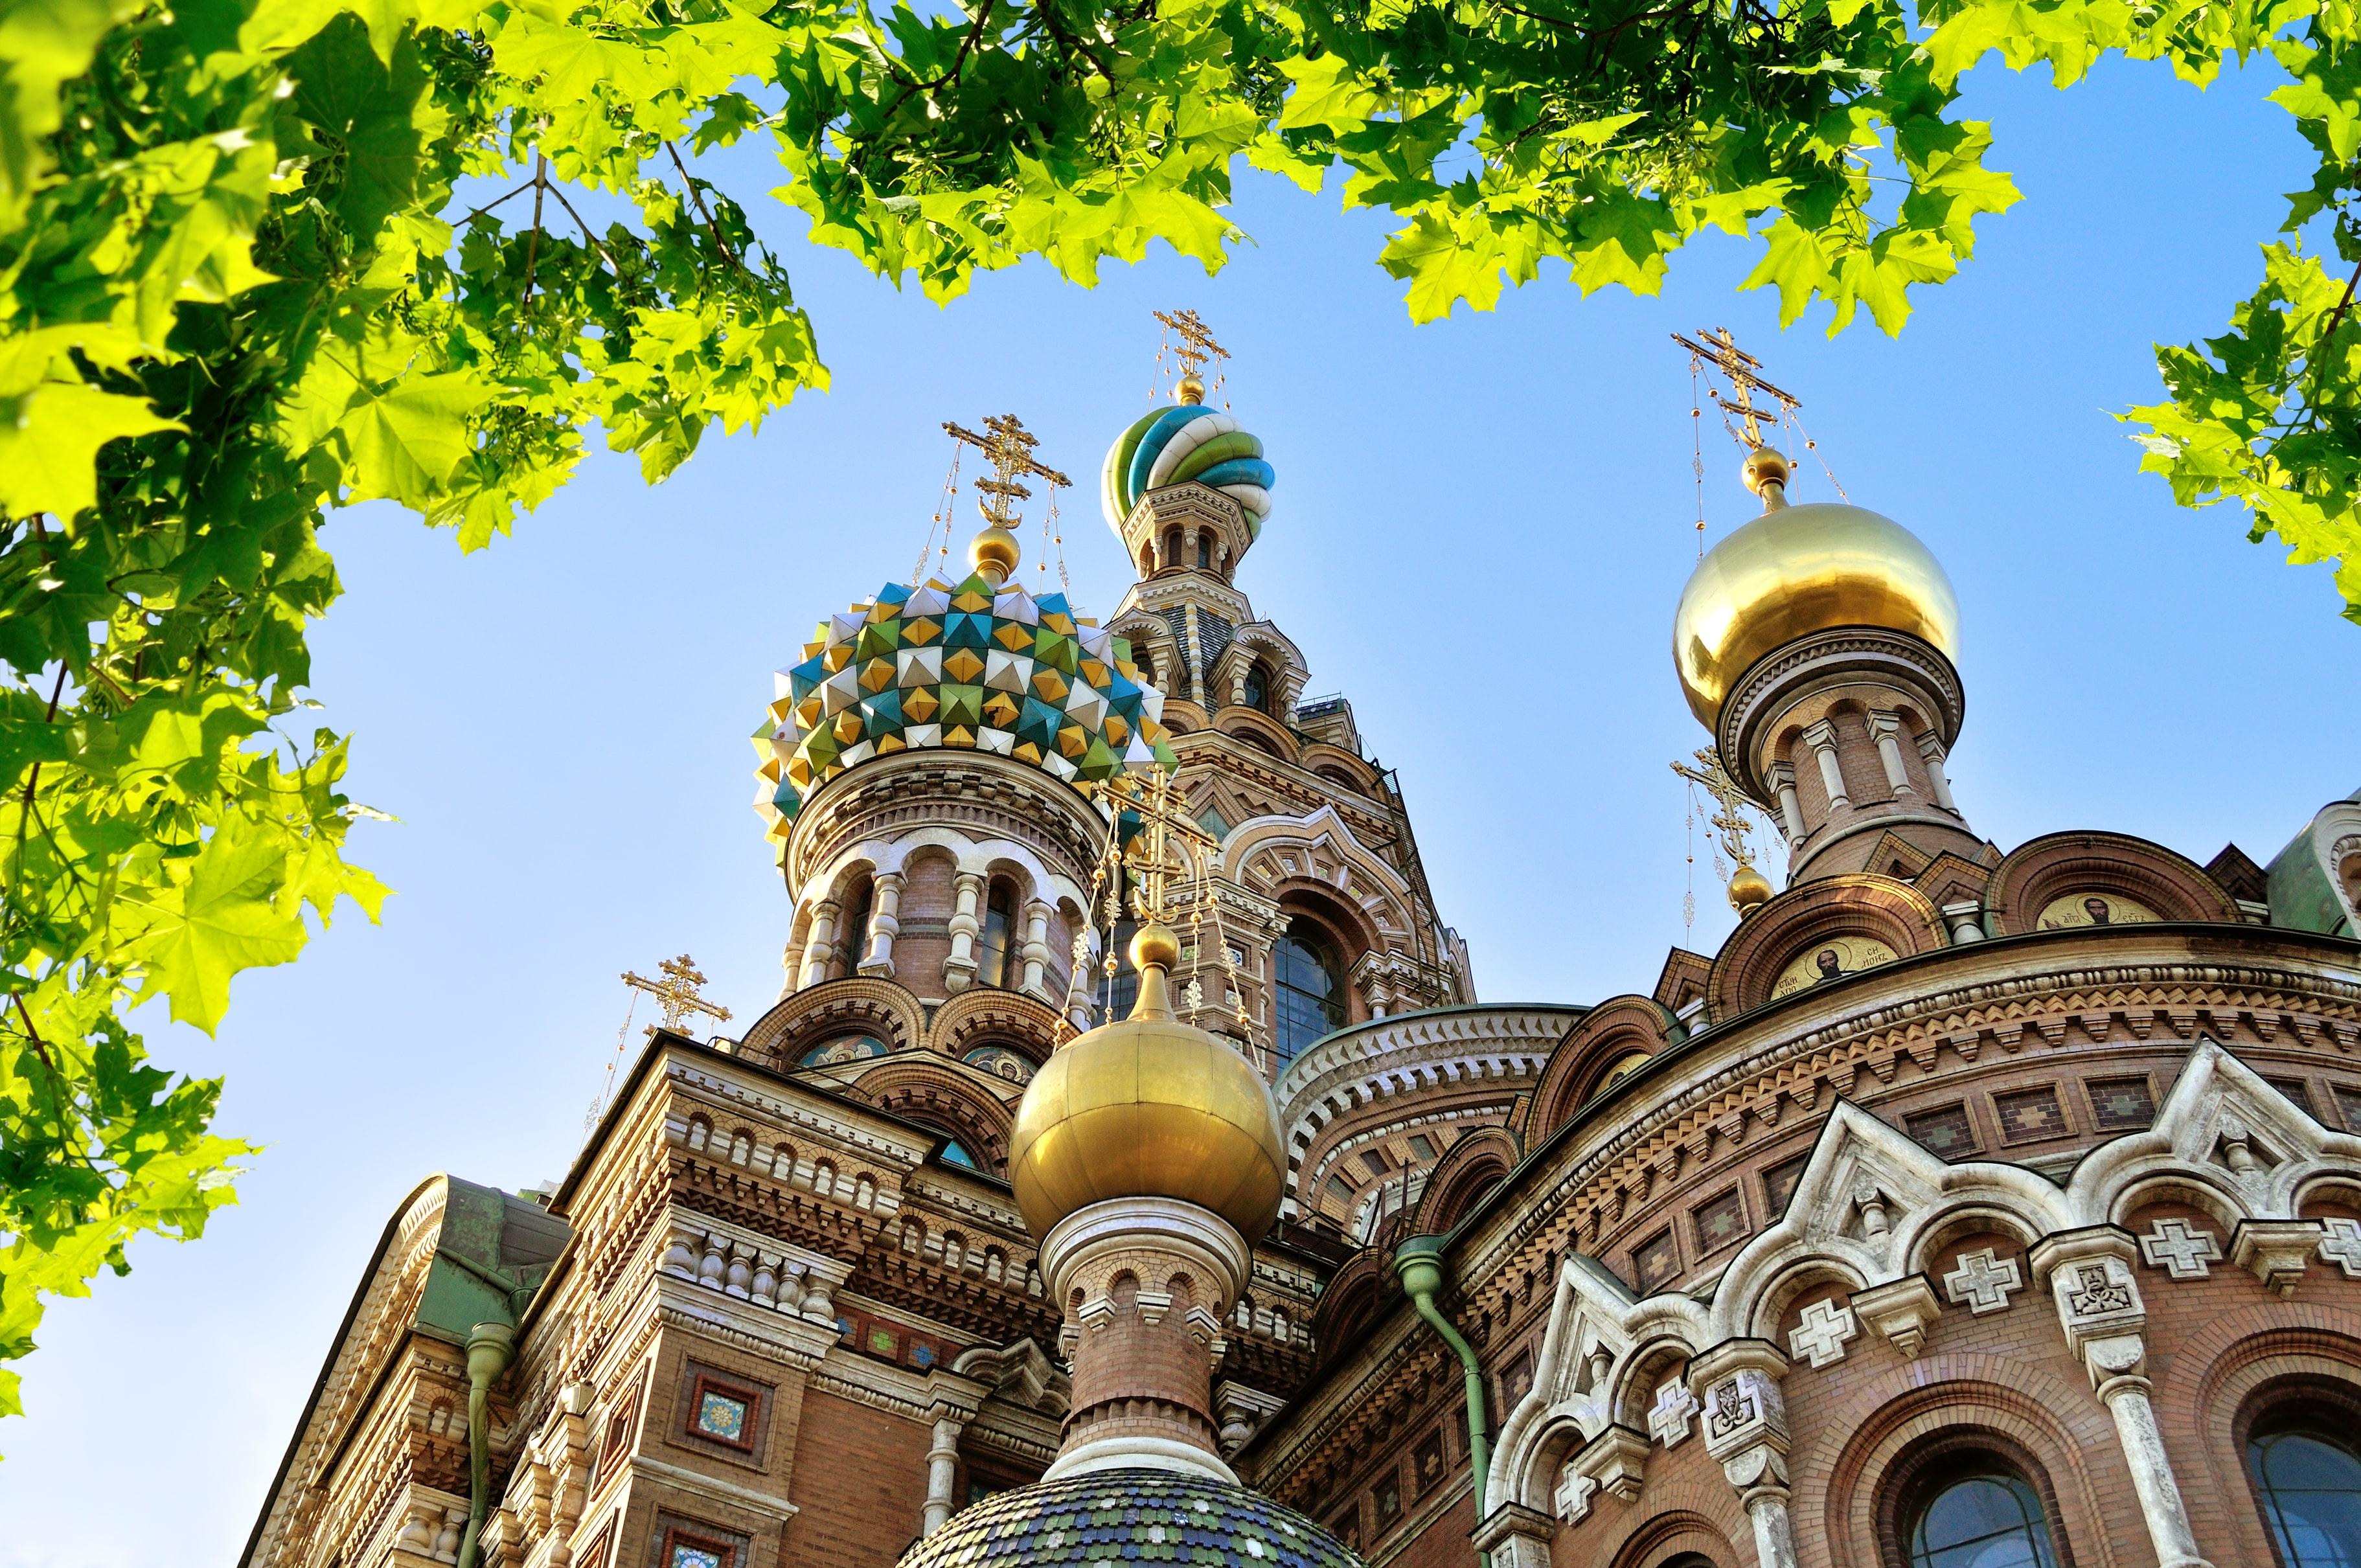 Kerk van de Verlosser op het Bloed in St. Petersburg, Rusland